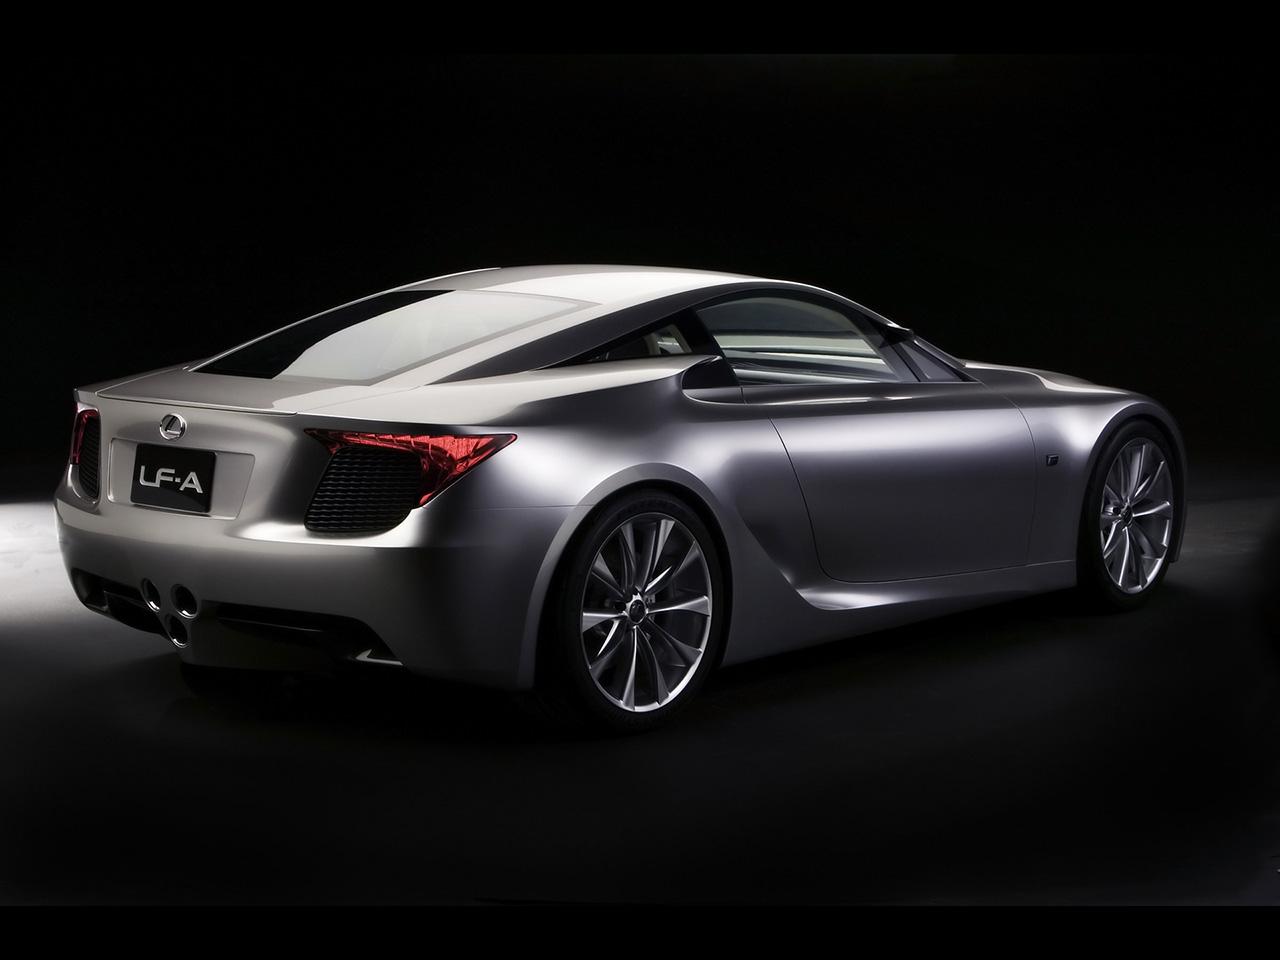 http://1.bp.blogspot.com/-ST1NY5Q1TzY/Tof6XCFz42I/AAAAAAAAApE/nZliucT5L_4/s1600/2011+Lexus+LFA+Wallpaper+-+5.jpg